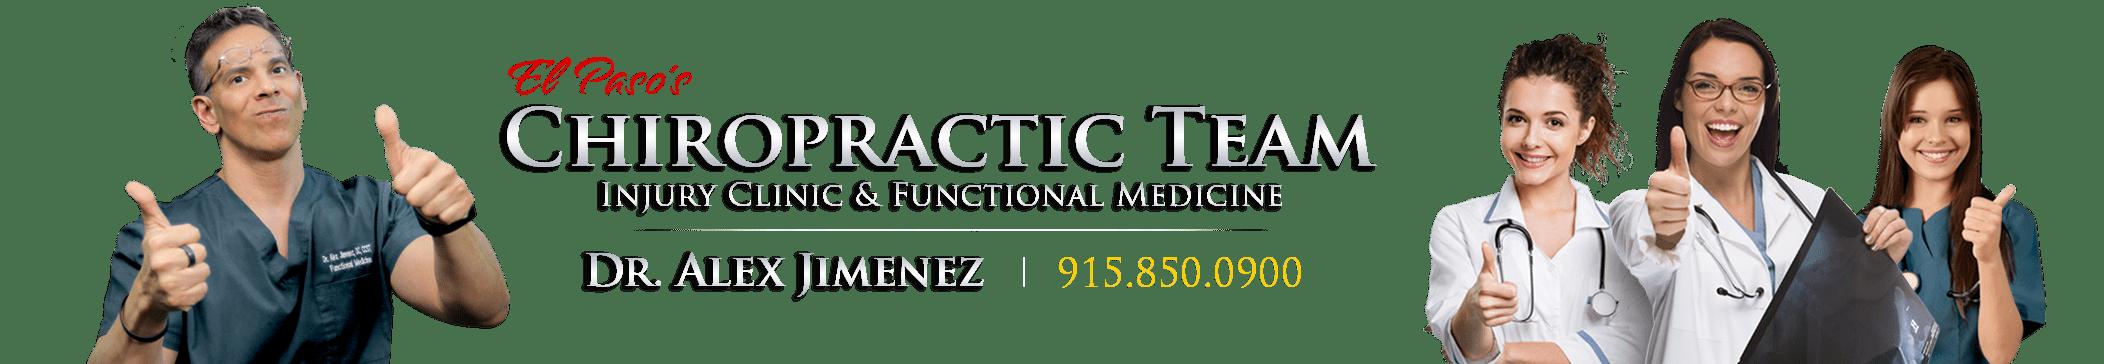 Clínica de Chiropractic Premier de El Paso 915-850-0900